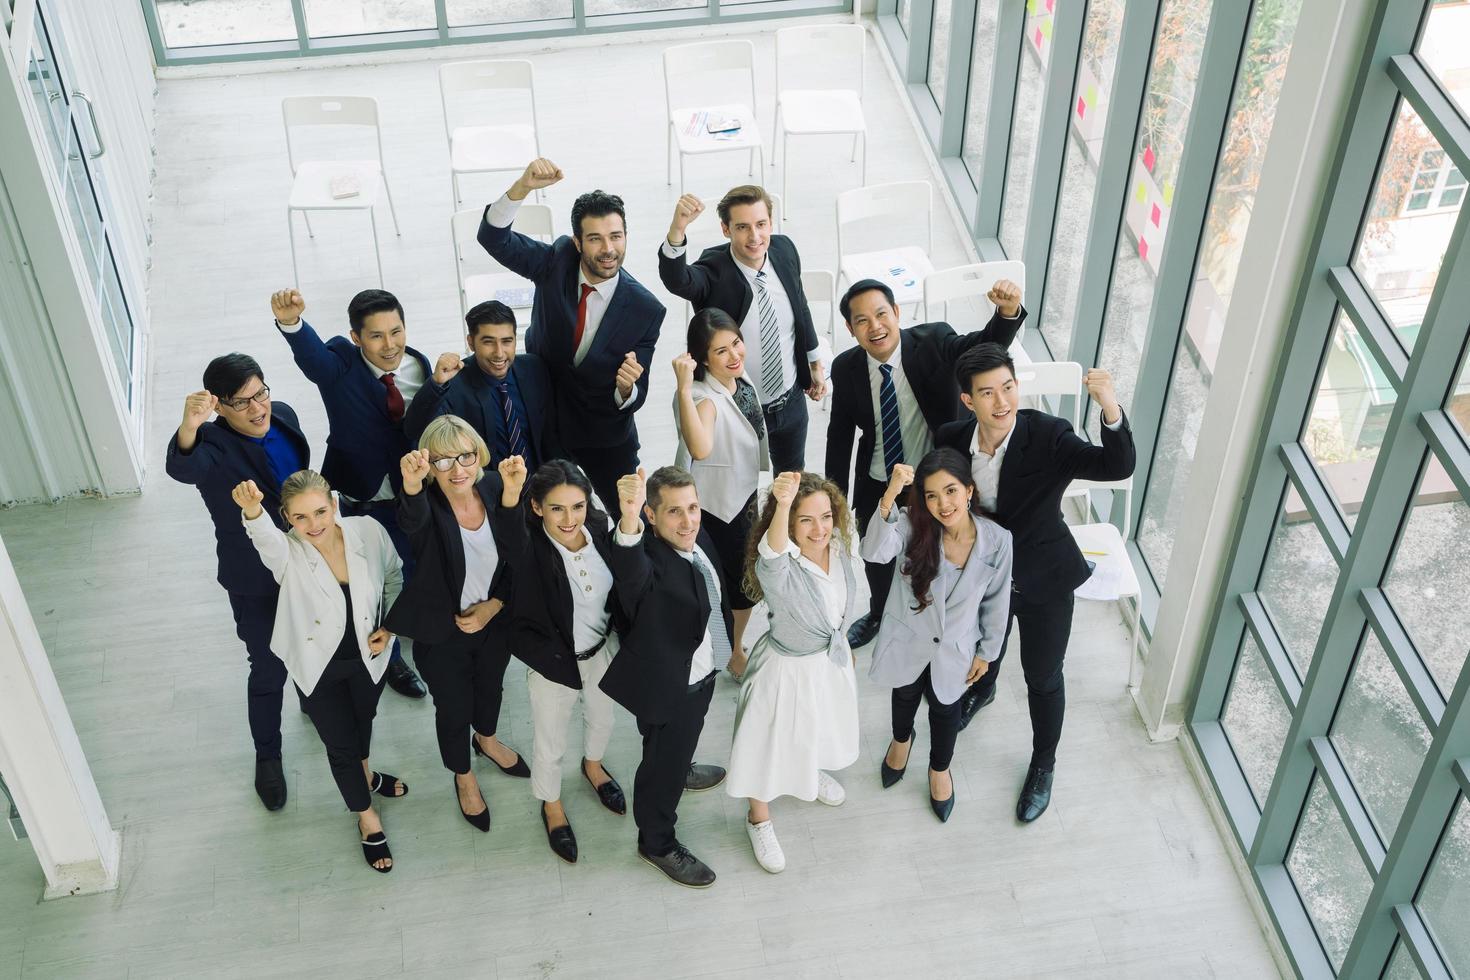 groupe multiethnique de professionnels avec les poings levés photo